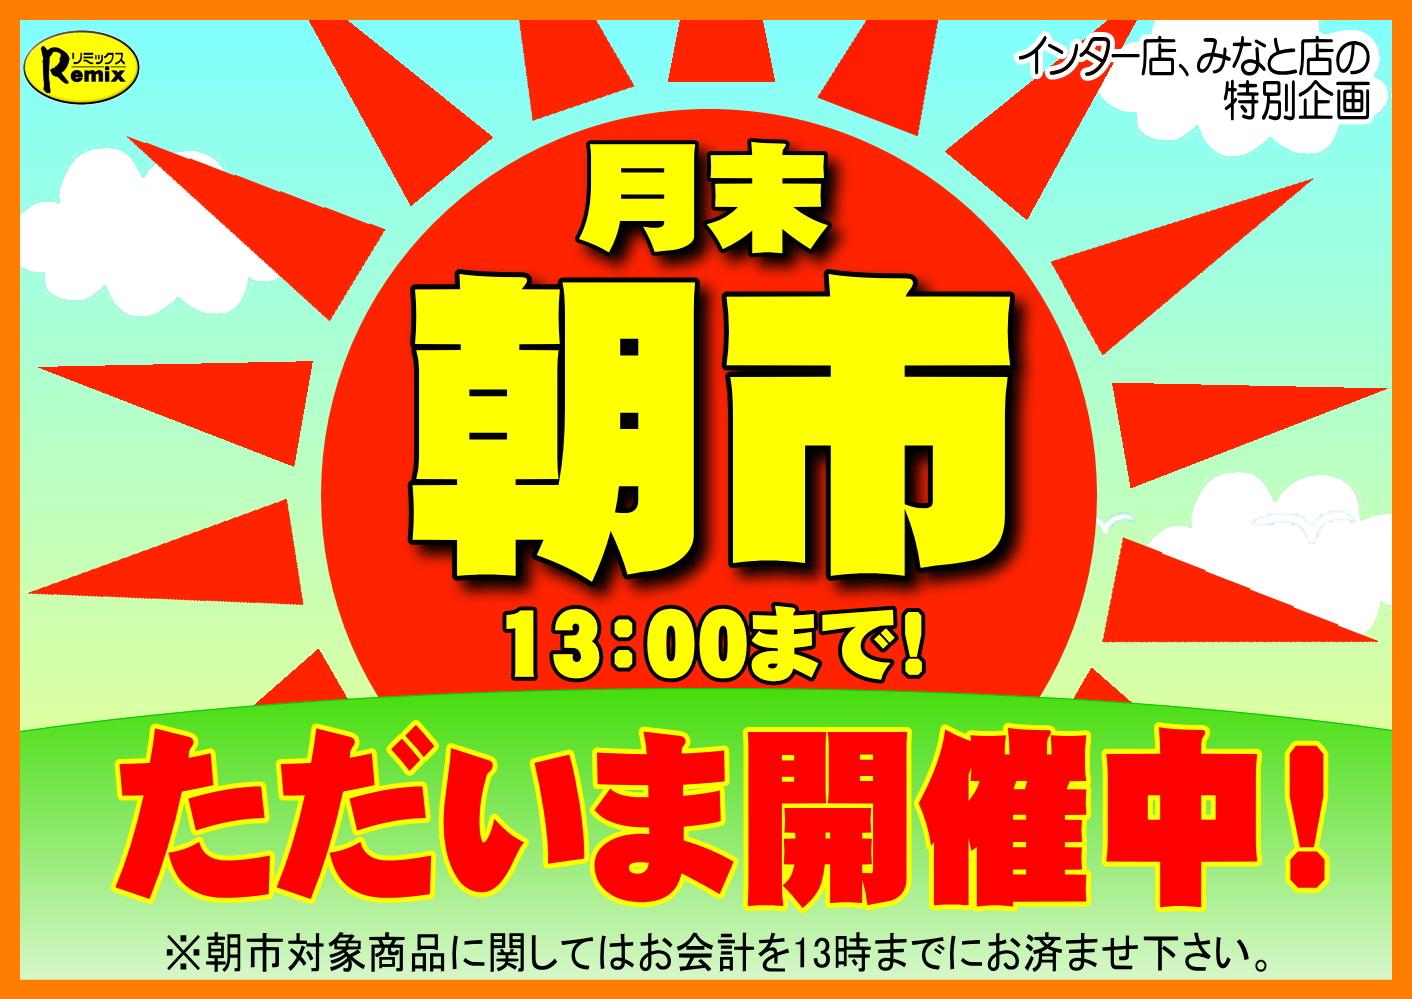 本日9/29(土)あさ10時!! 月末朝市まもなくスタート!13時まで!